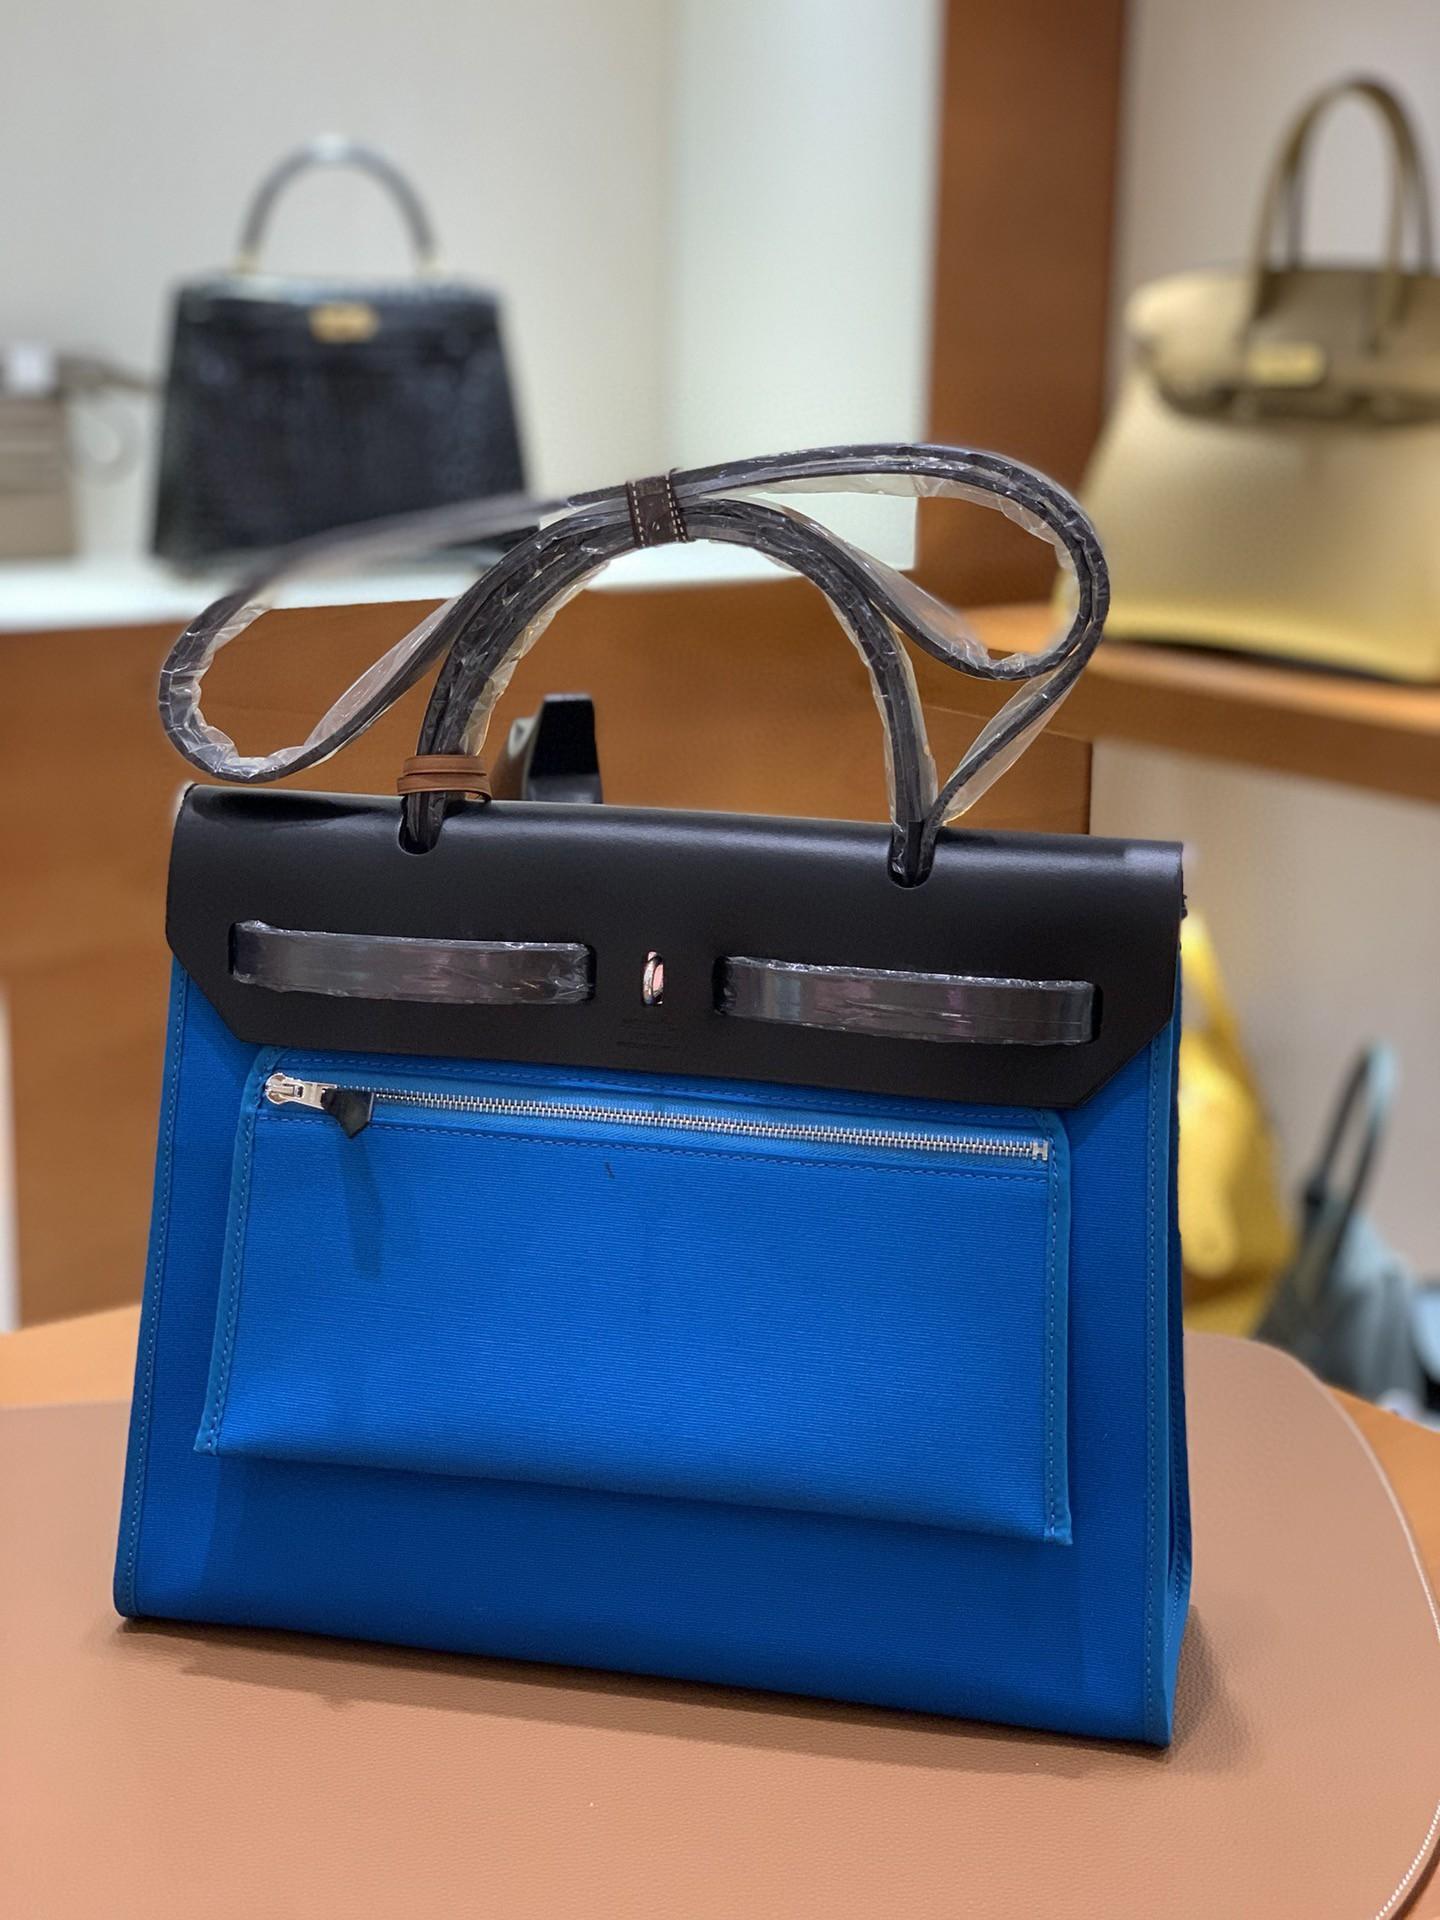 Hermès(爱马仕)Herbag 黑色拼水妖蓝 Box帆布 银扣 31cm